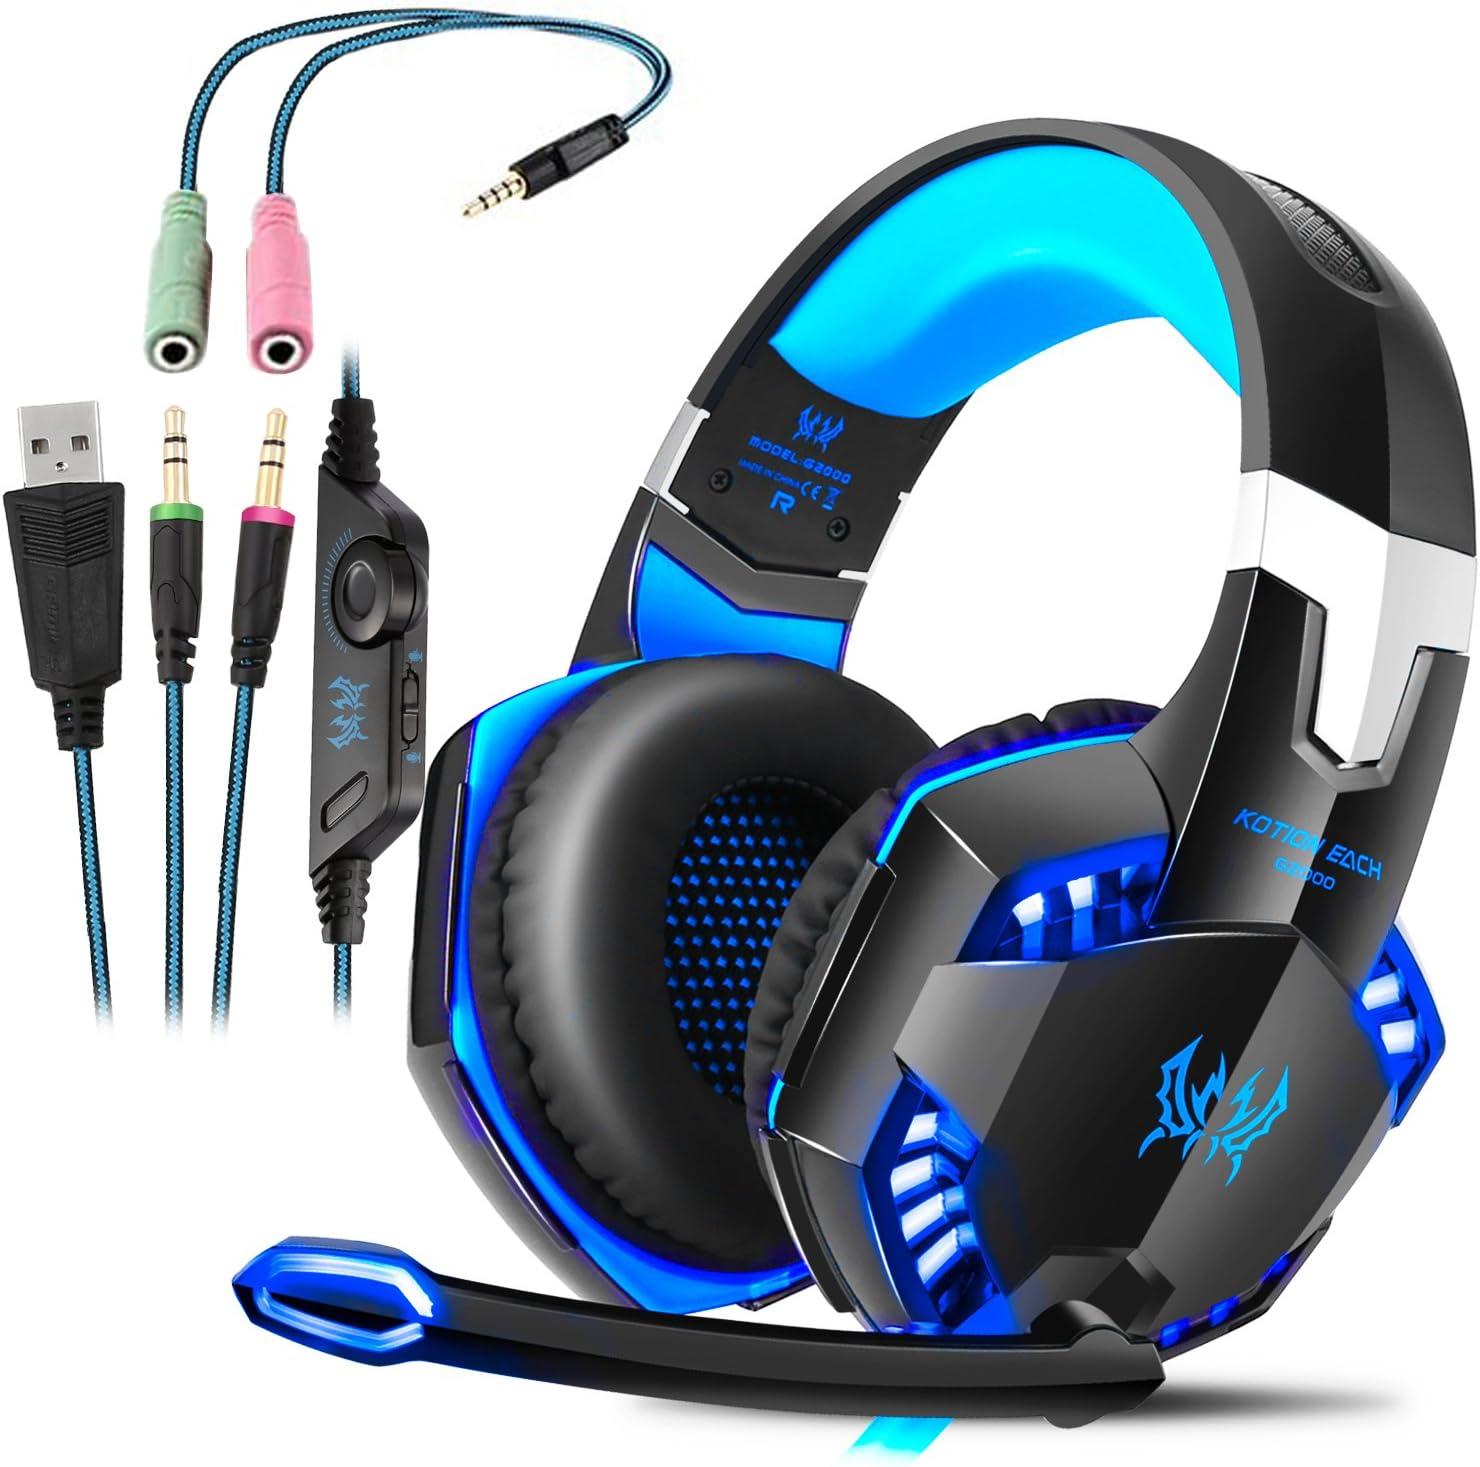 Auriculares Gaming con microfono, Cascos Gaming, Auriculares para Juegos para PS4 / PC/Xbox One/Switch/Tableta/Celular, Headset estereofónico con fantástico LED Luces, micrófono antiruido (G2000)